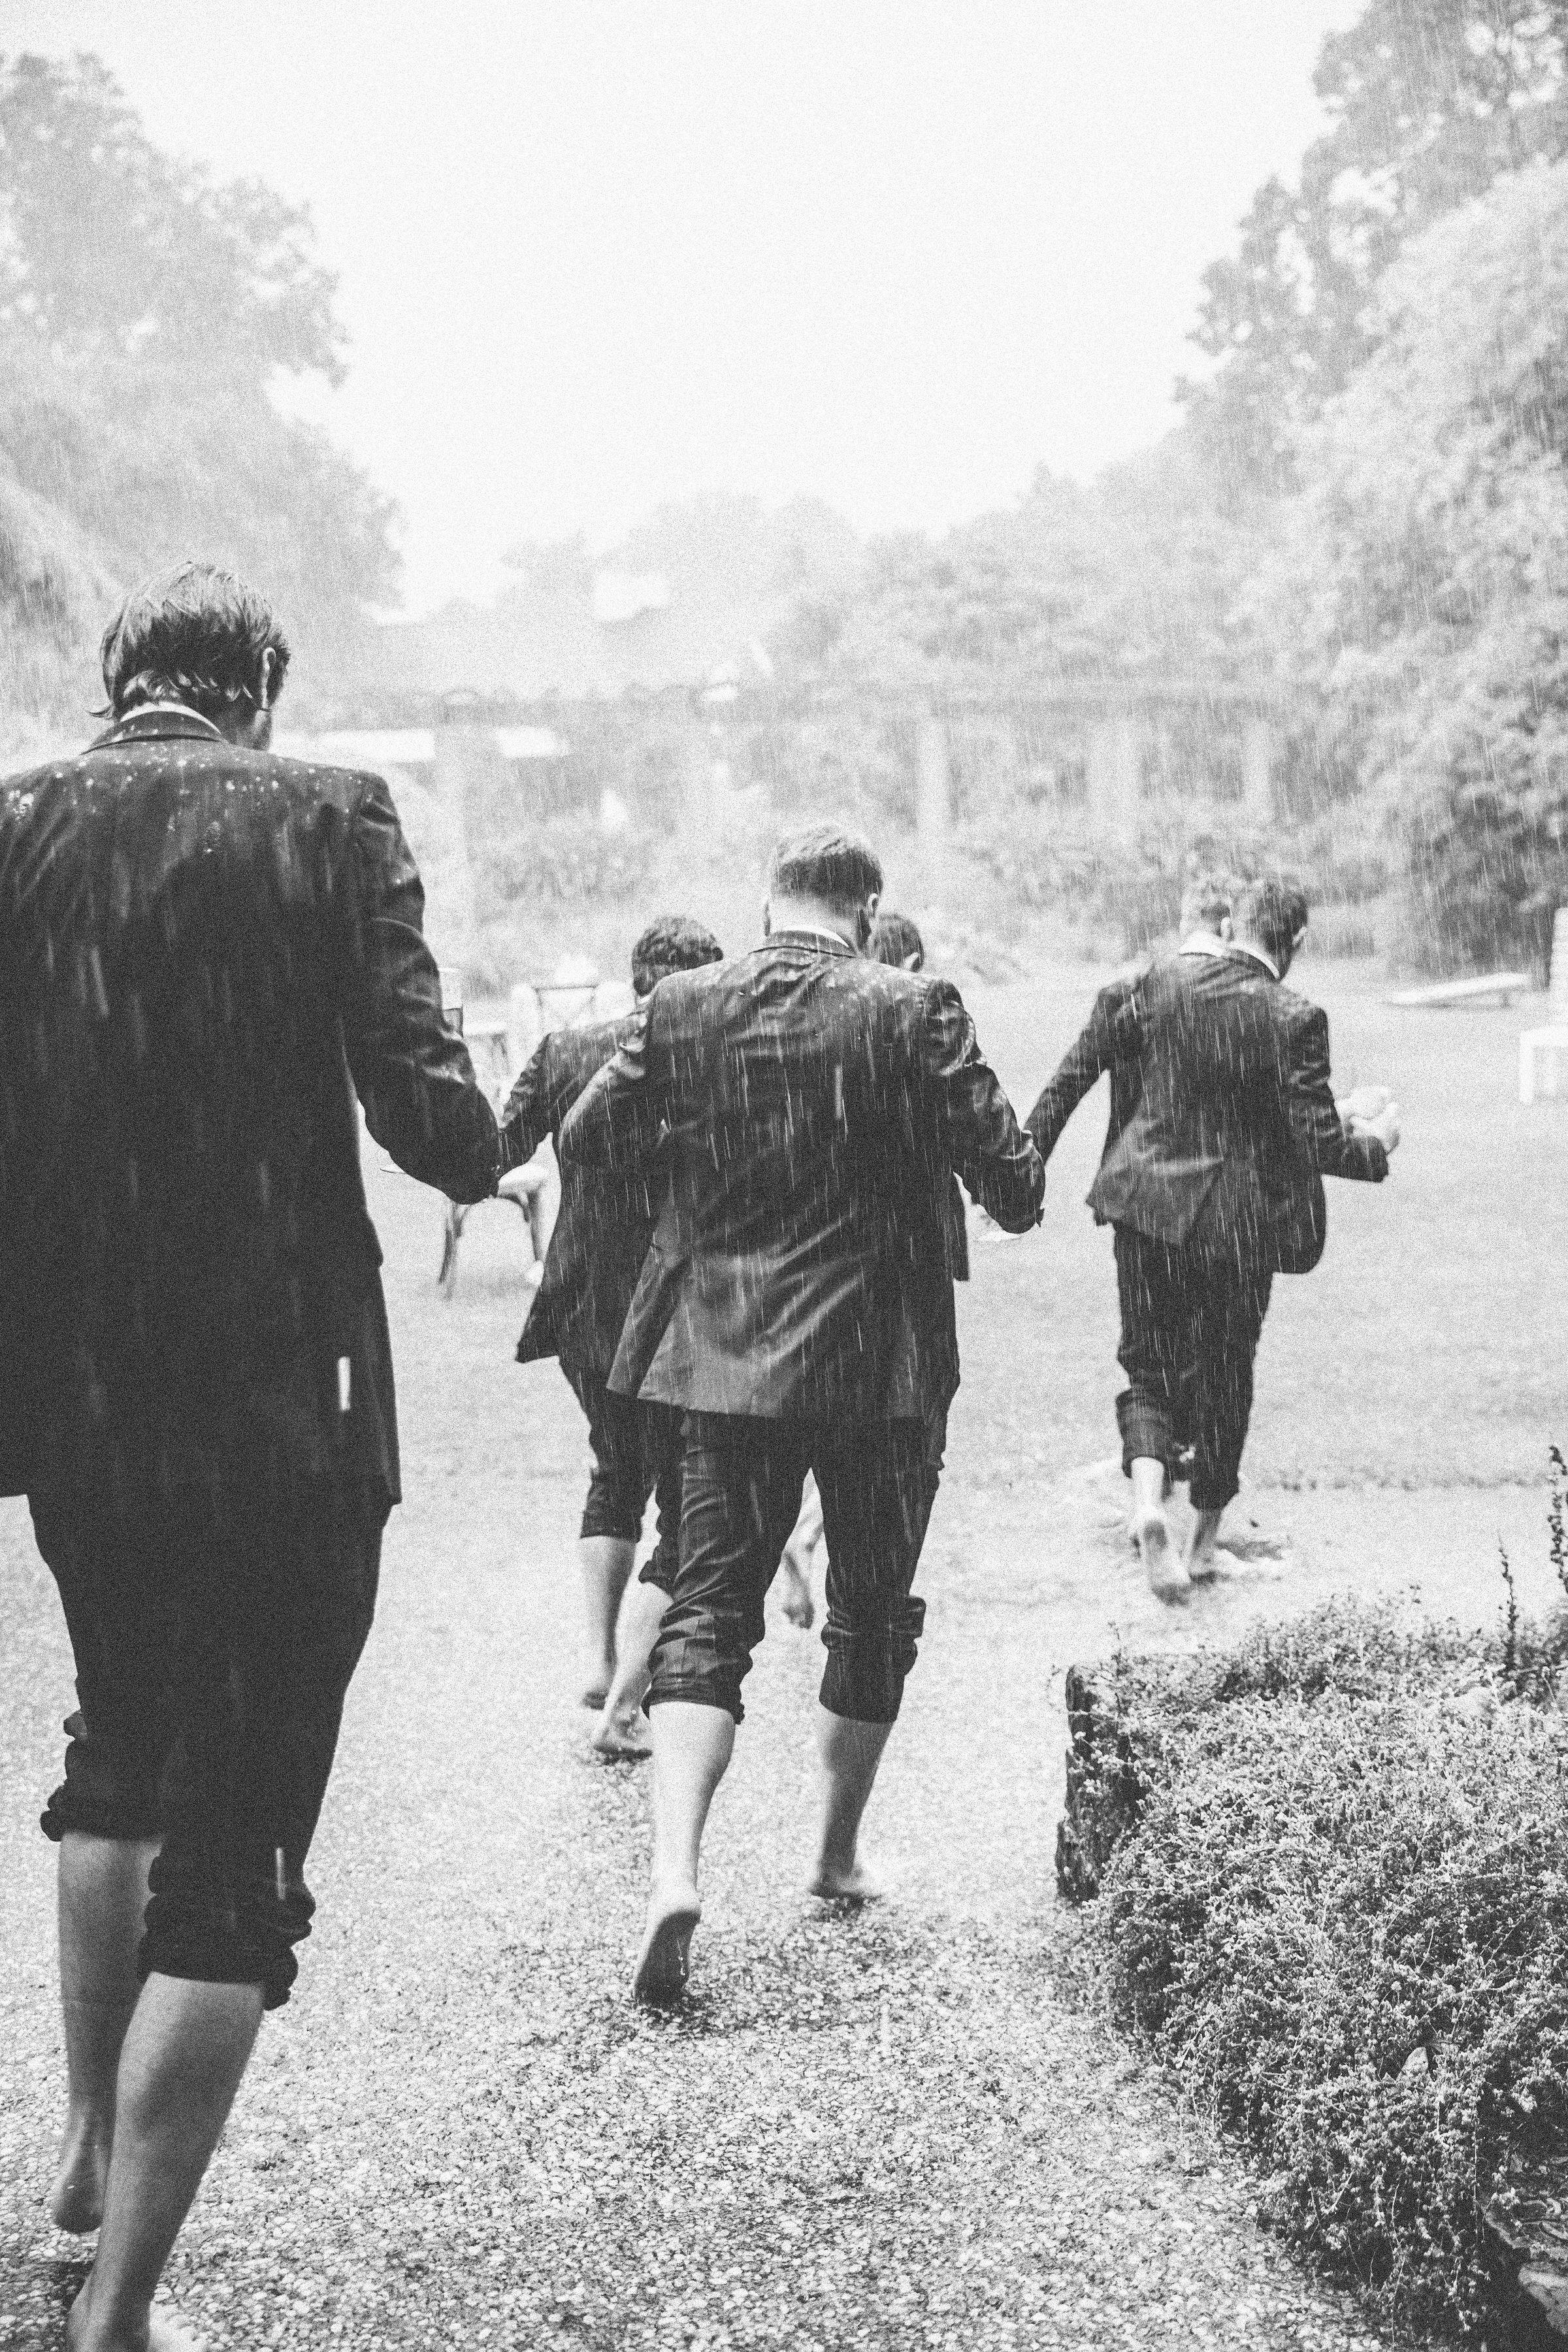 Groomsmen-Run-In-Rain-Ivory-and-Vine.jpg